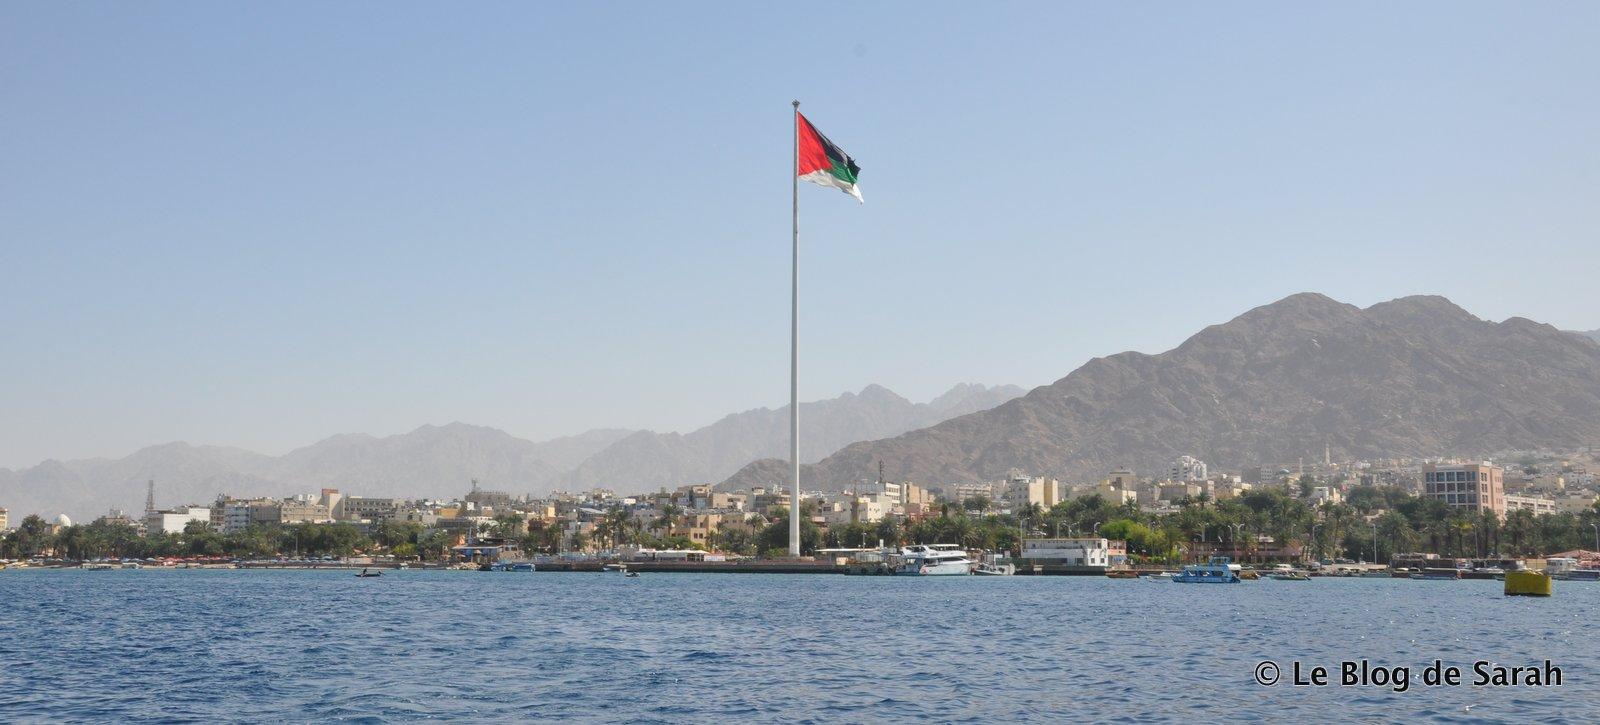 Le drapeau de la Révolte arabe dans le ciel d'Aqaba